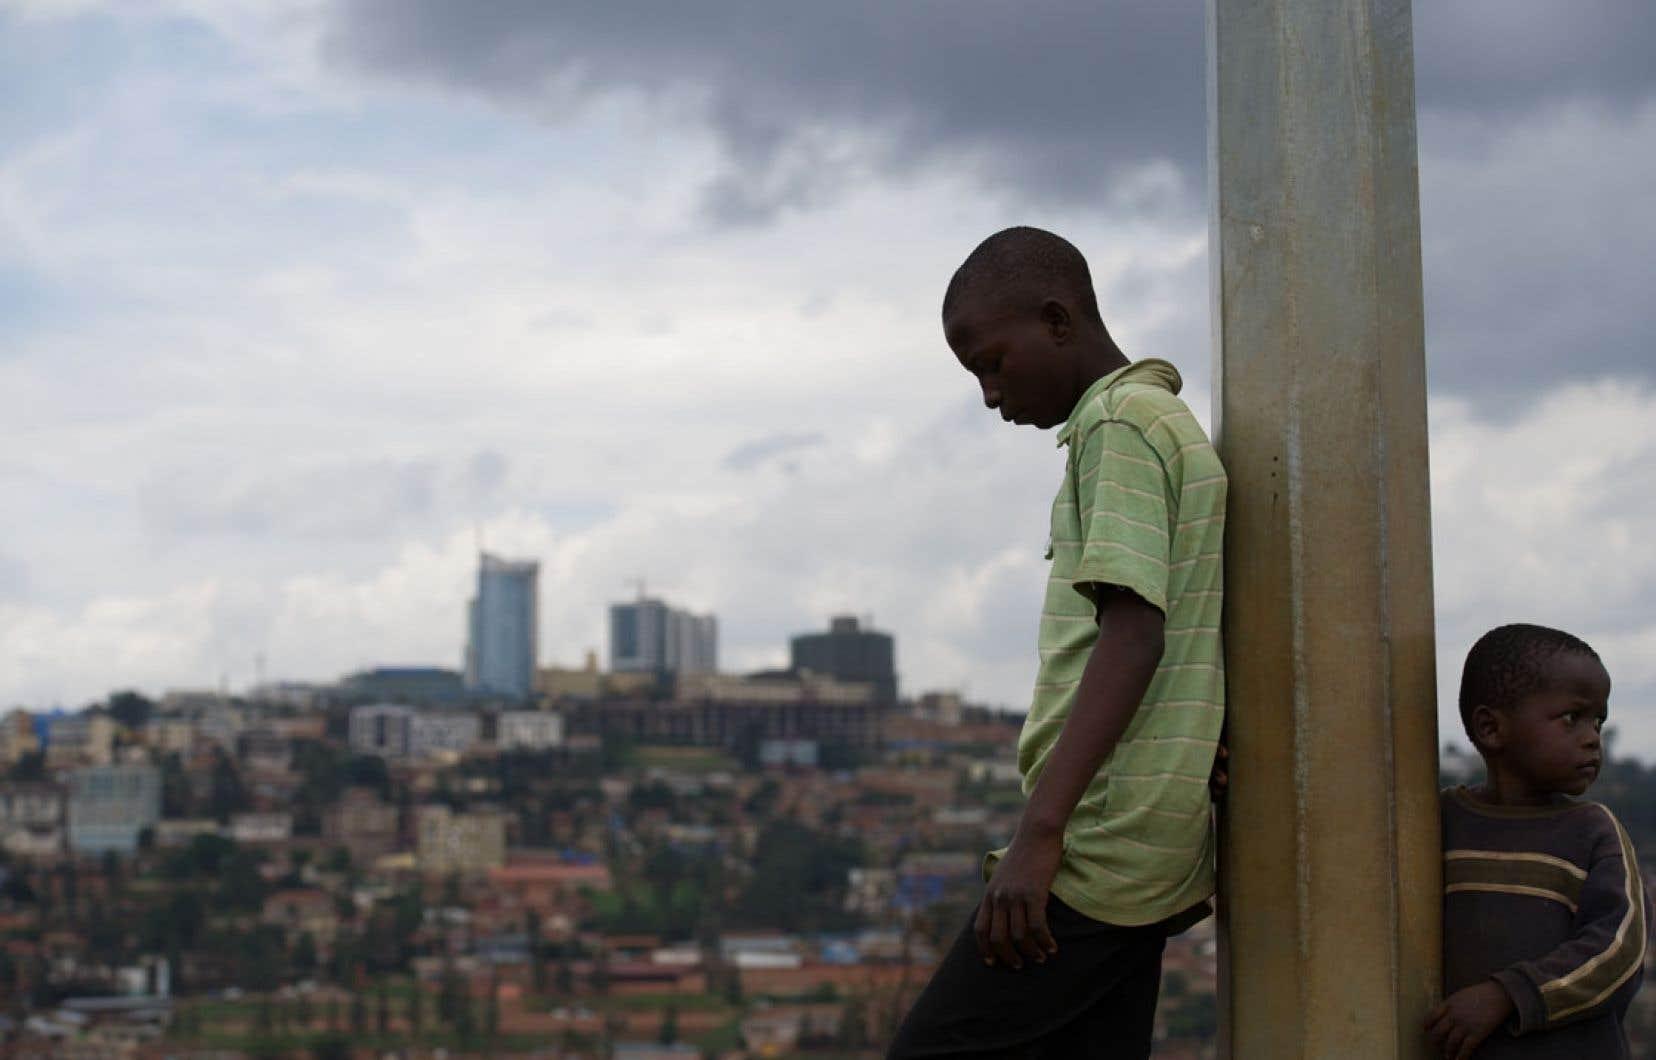 Au Rwanda, le génocide continue de hanter les mémoires de millions de veuves, d'orphelins et de rescapés du massacre.